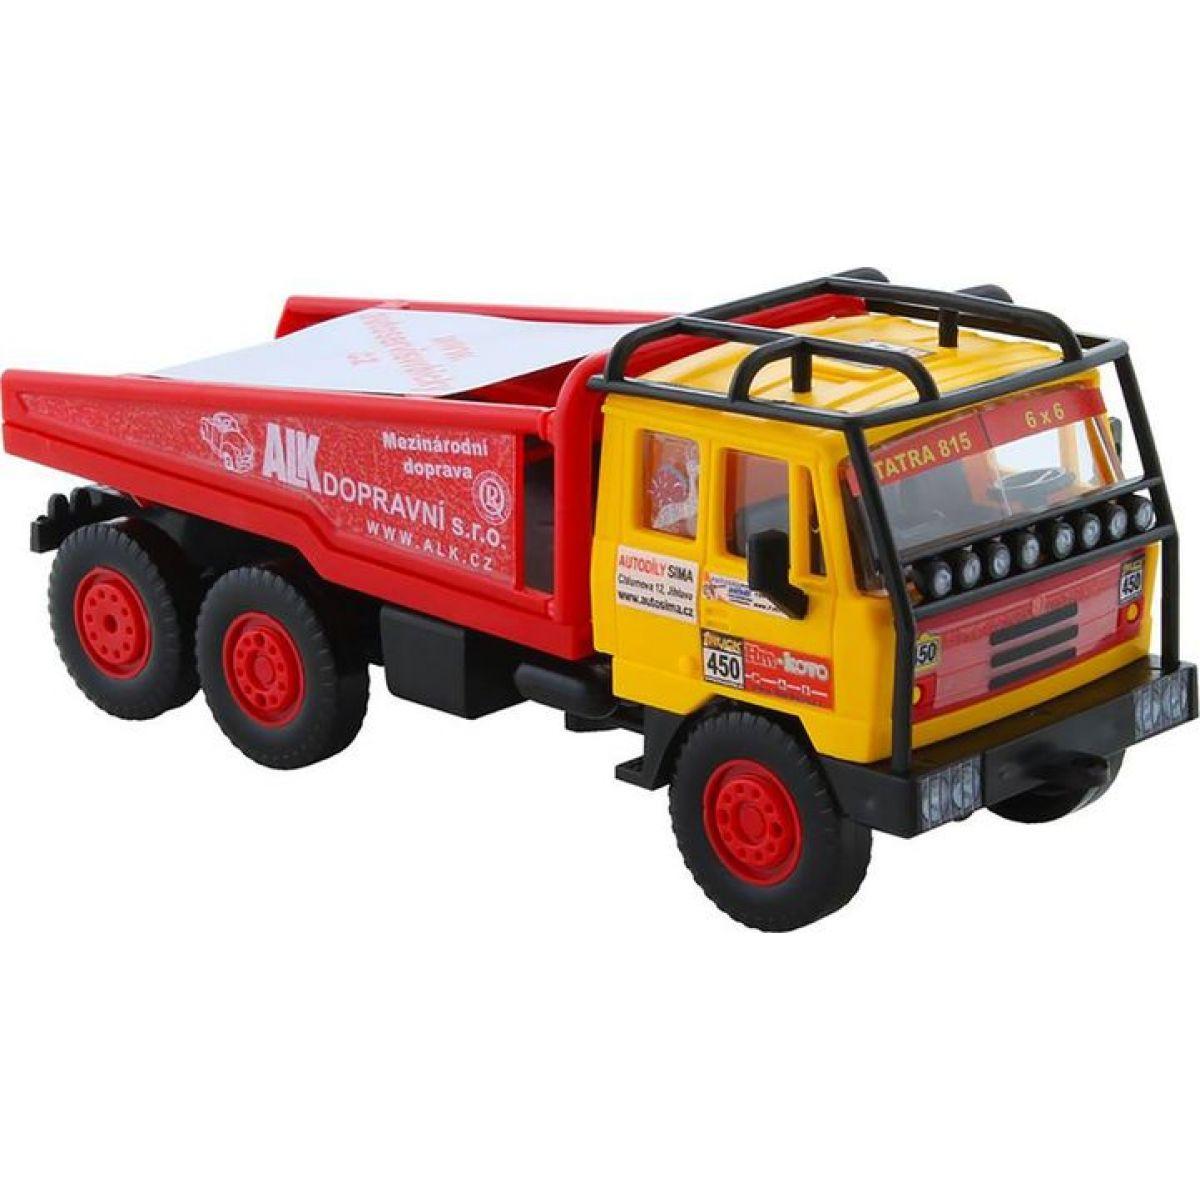 Monti System 76 Tatra 815 Truck Trial 1:48